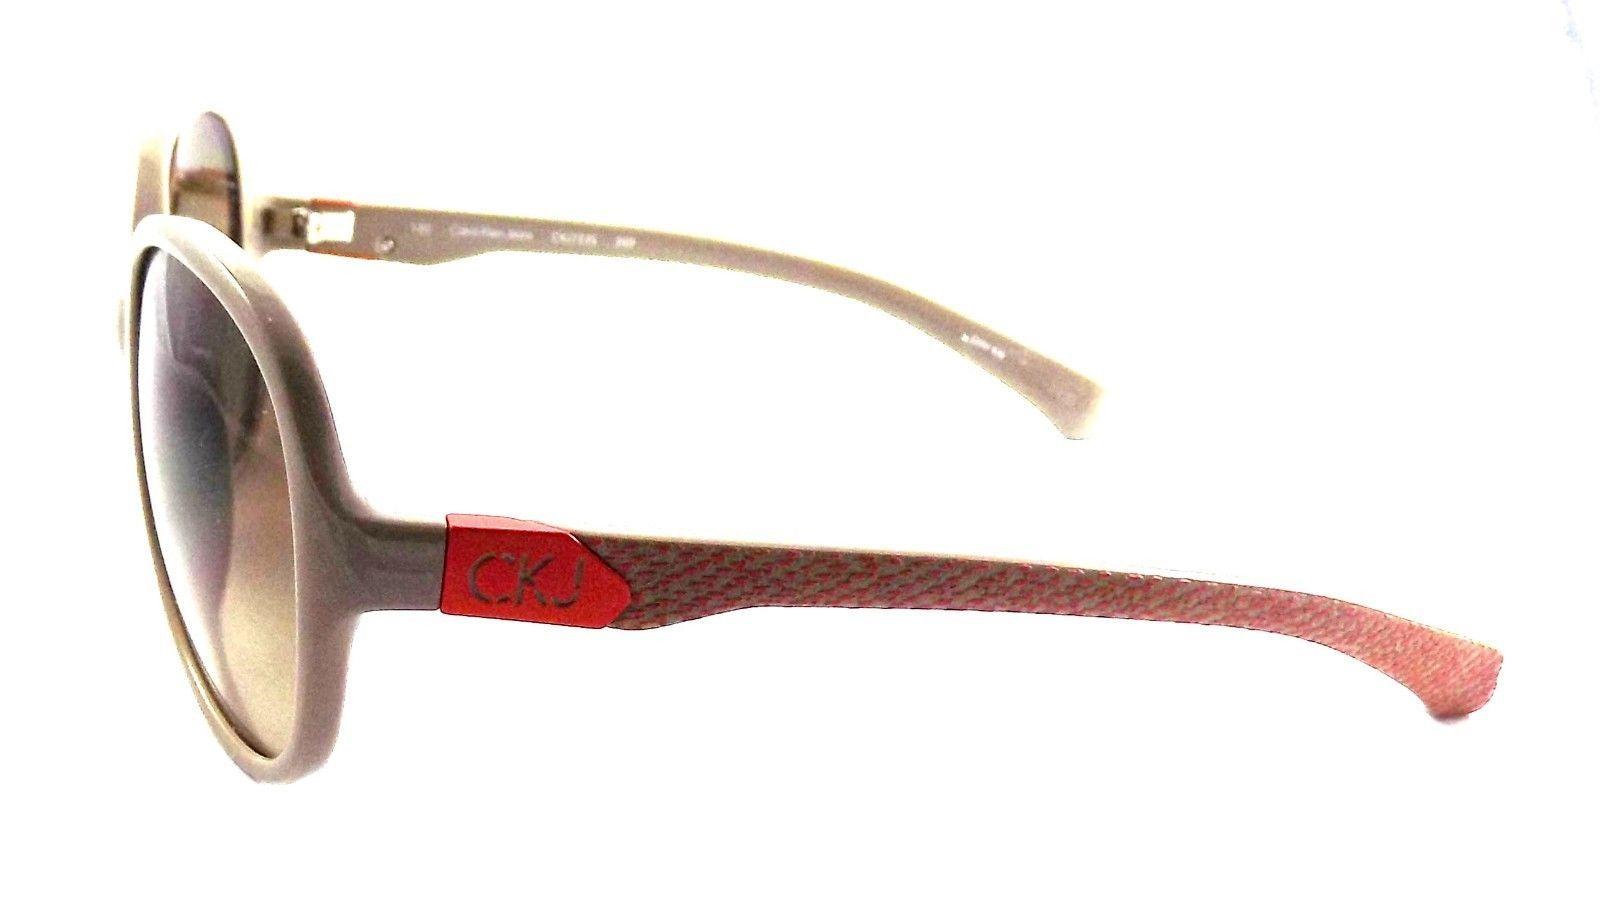 Calvin Klein Jeans Sunglasses CK 723S 209 58x16x130 Beige Red / Brown Gradient